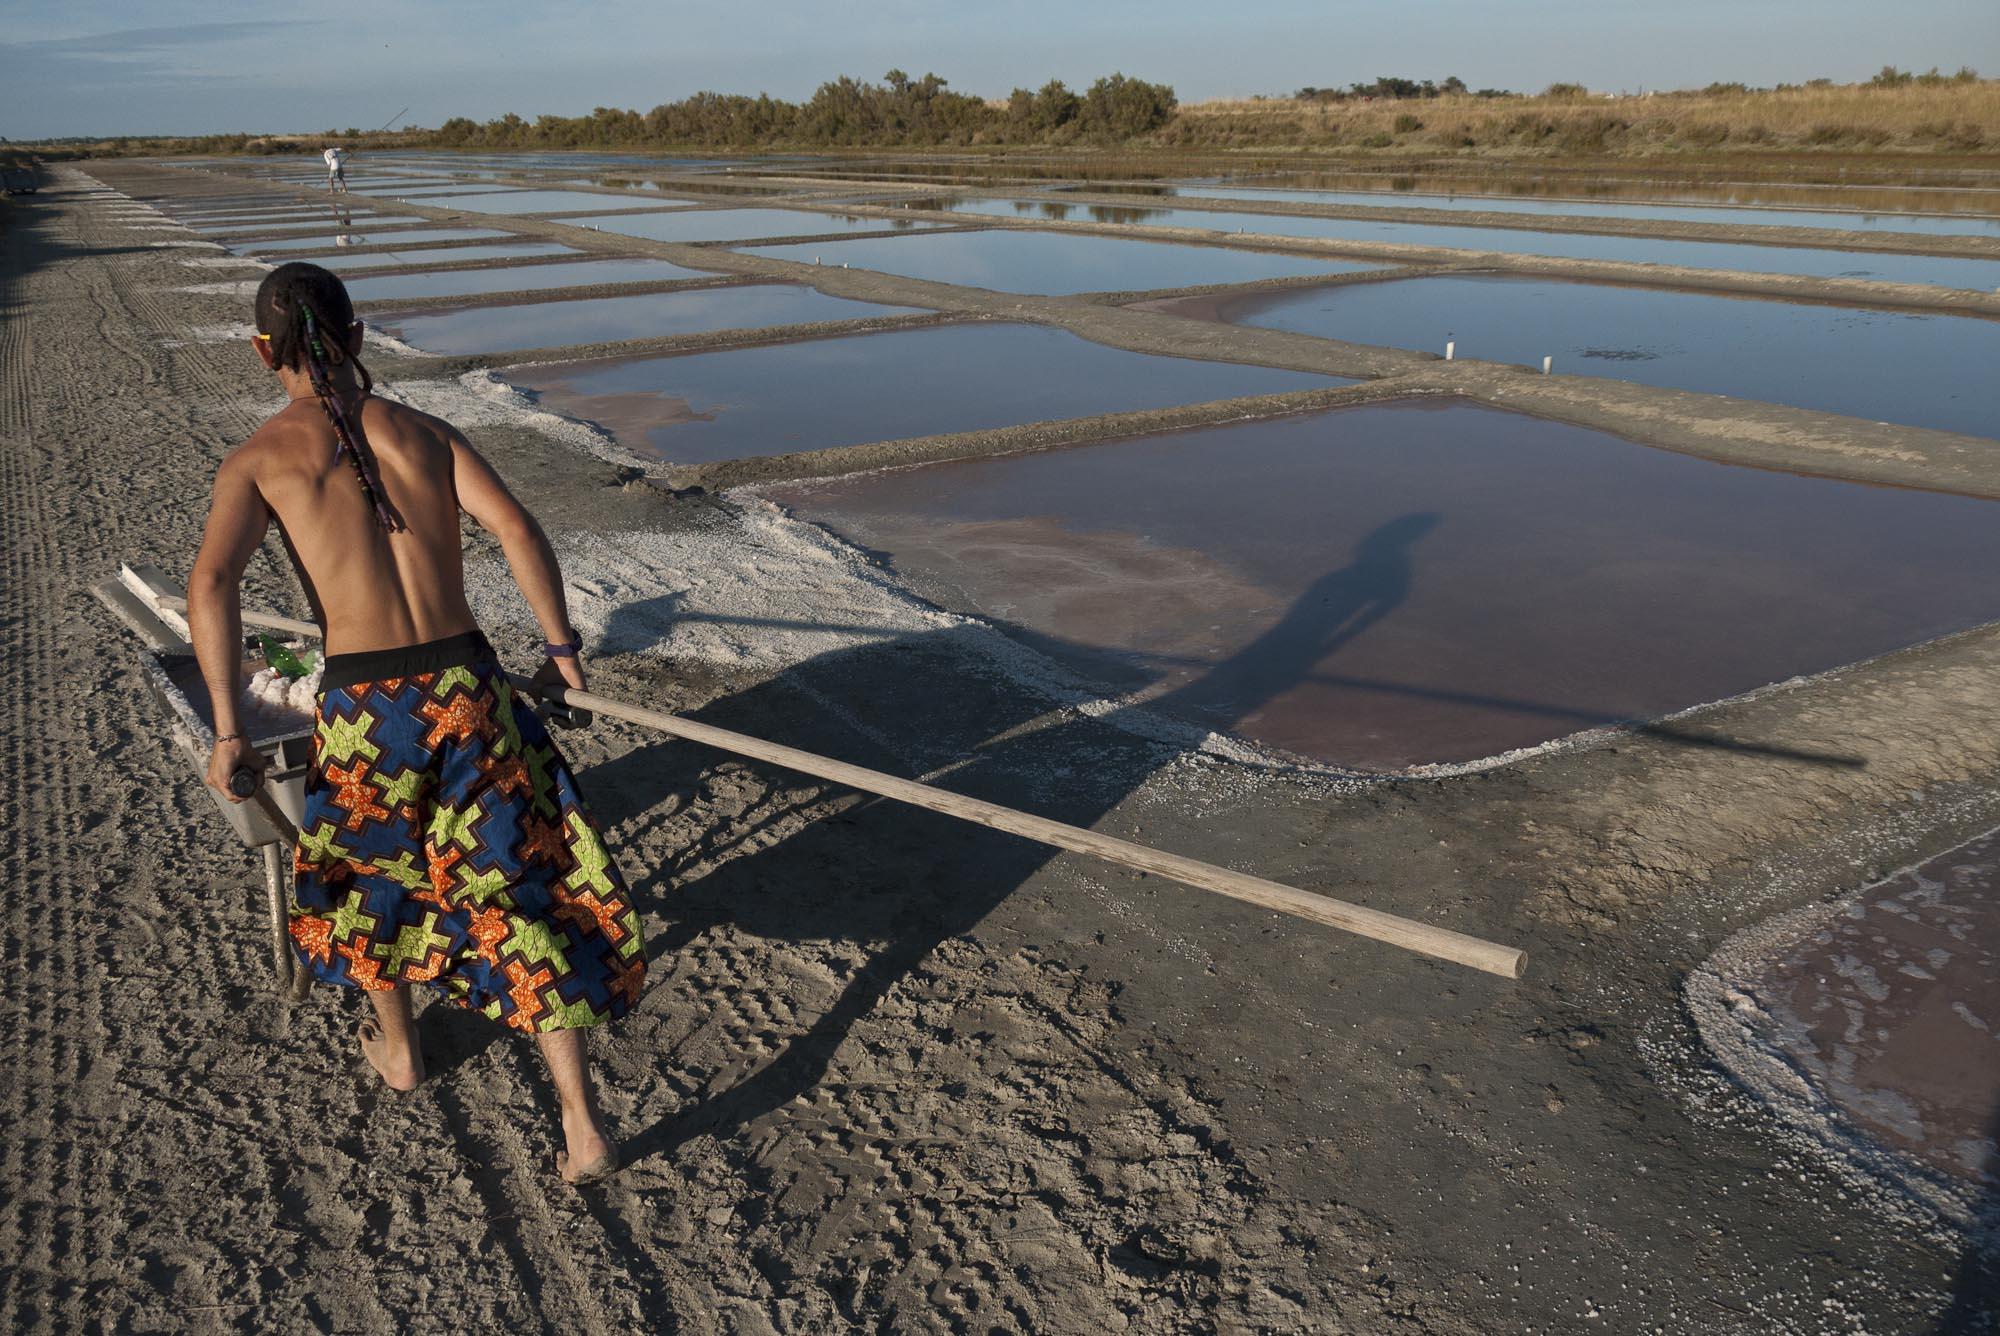 Emmanuel Mercier's salt fields